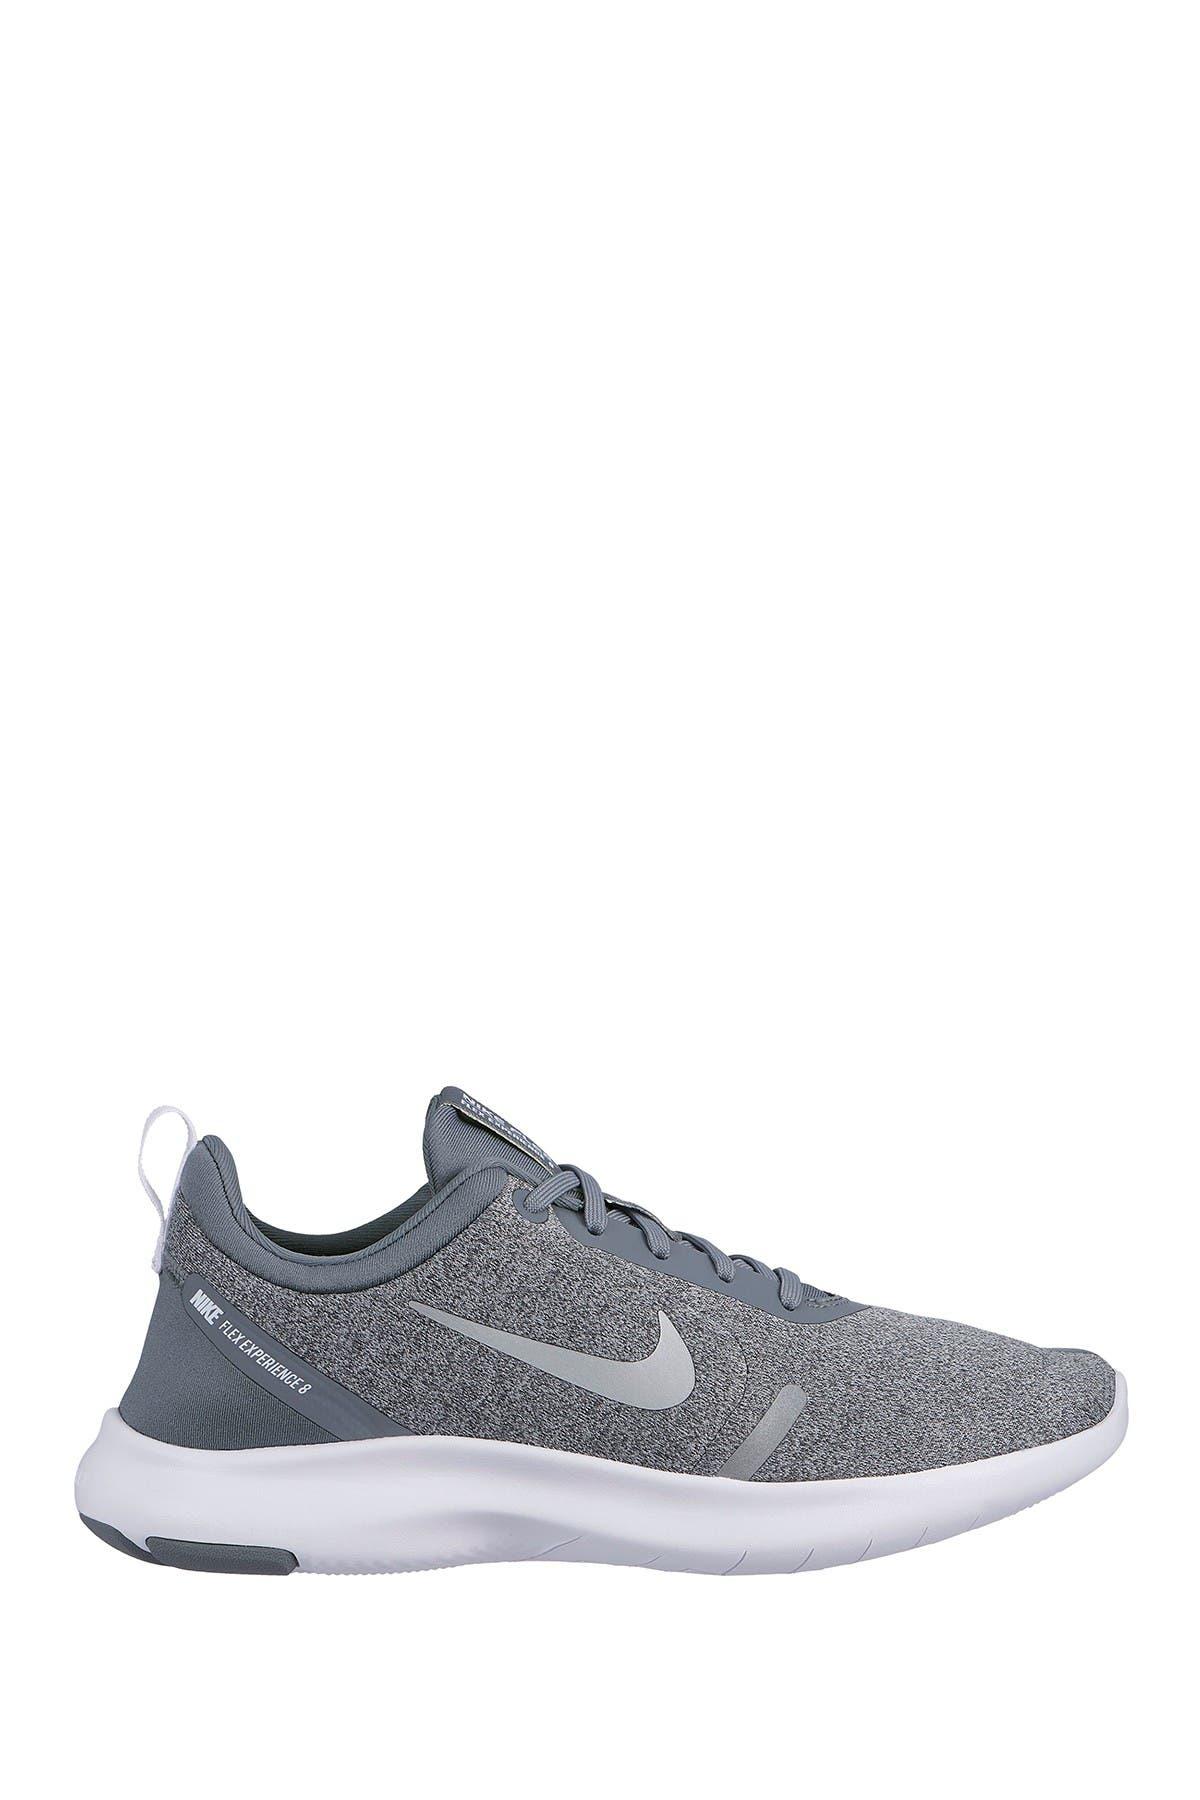 Nike | Flex Experience 8 Sneaker - Wide